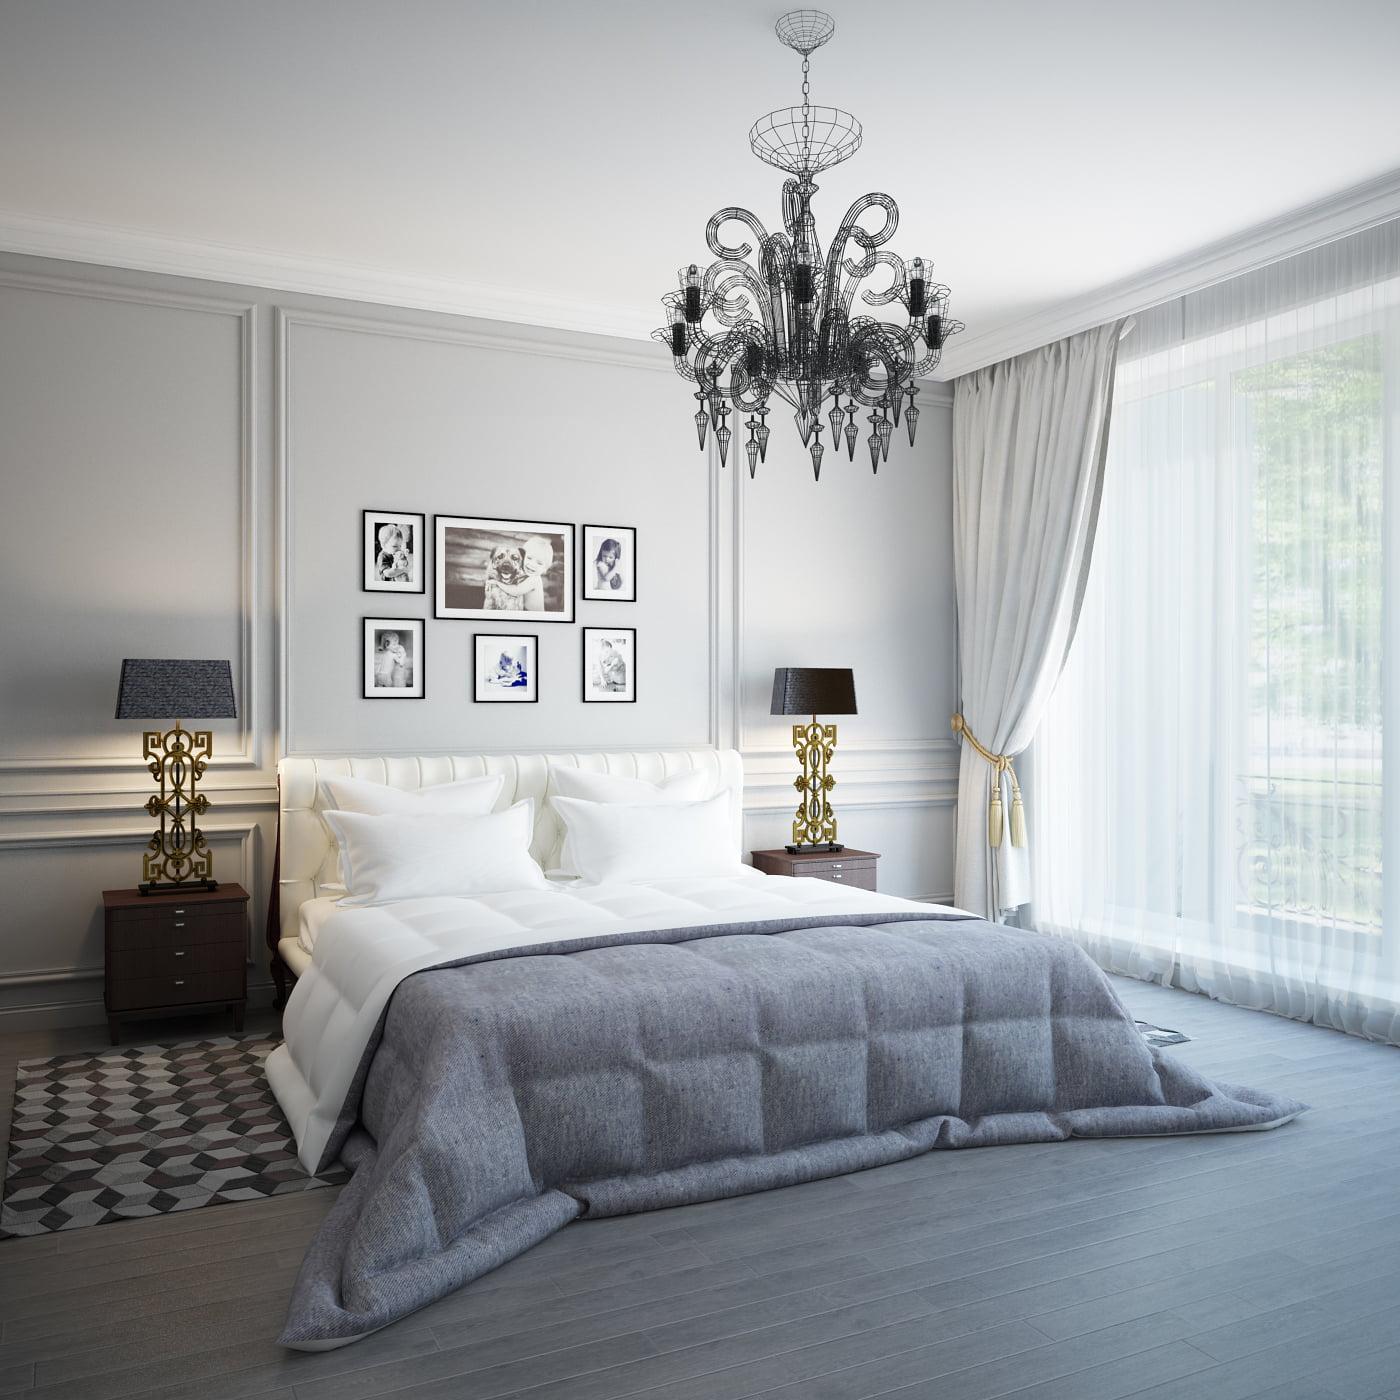 Una hermosa lámpara araña que parece ser hecha con la técnica de filigrana destaca sobre los colores neutros de las paredes y accesorios decorativos (Yury Rybak)